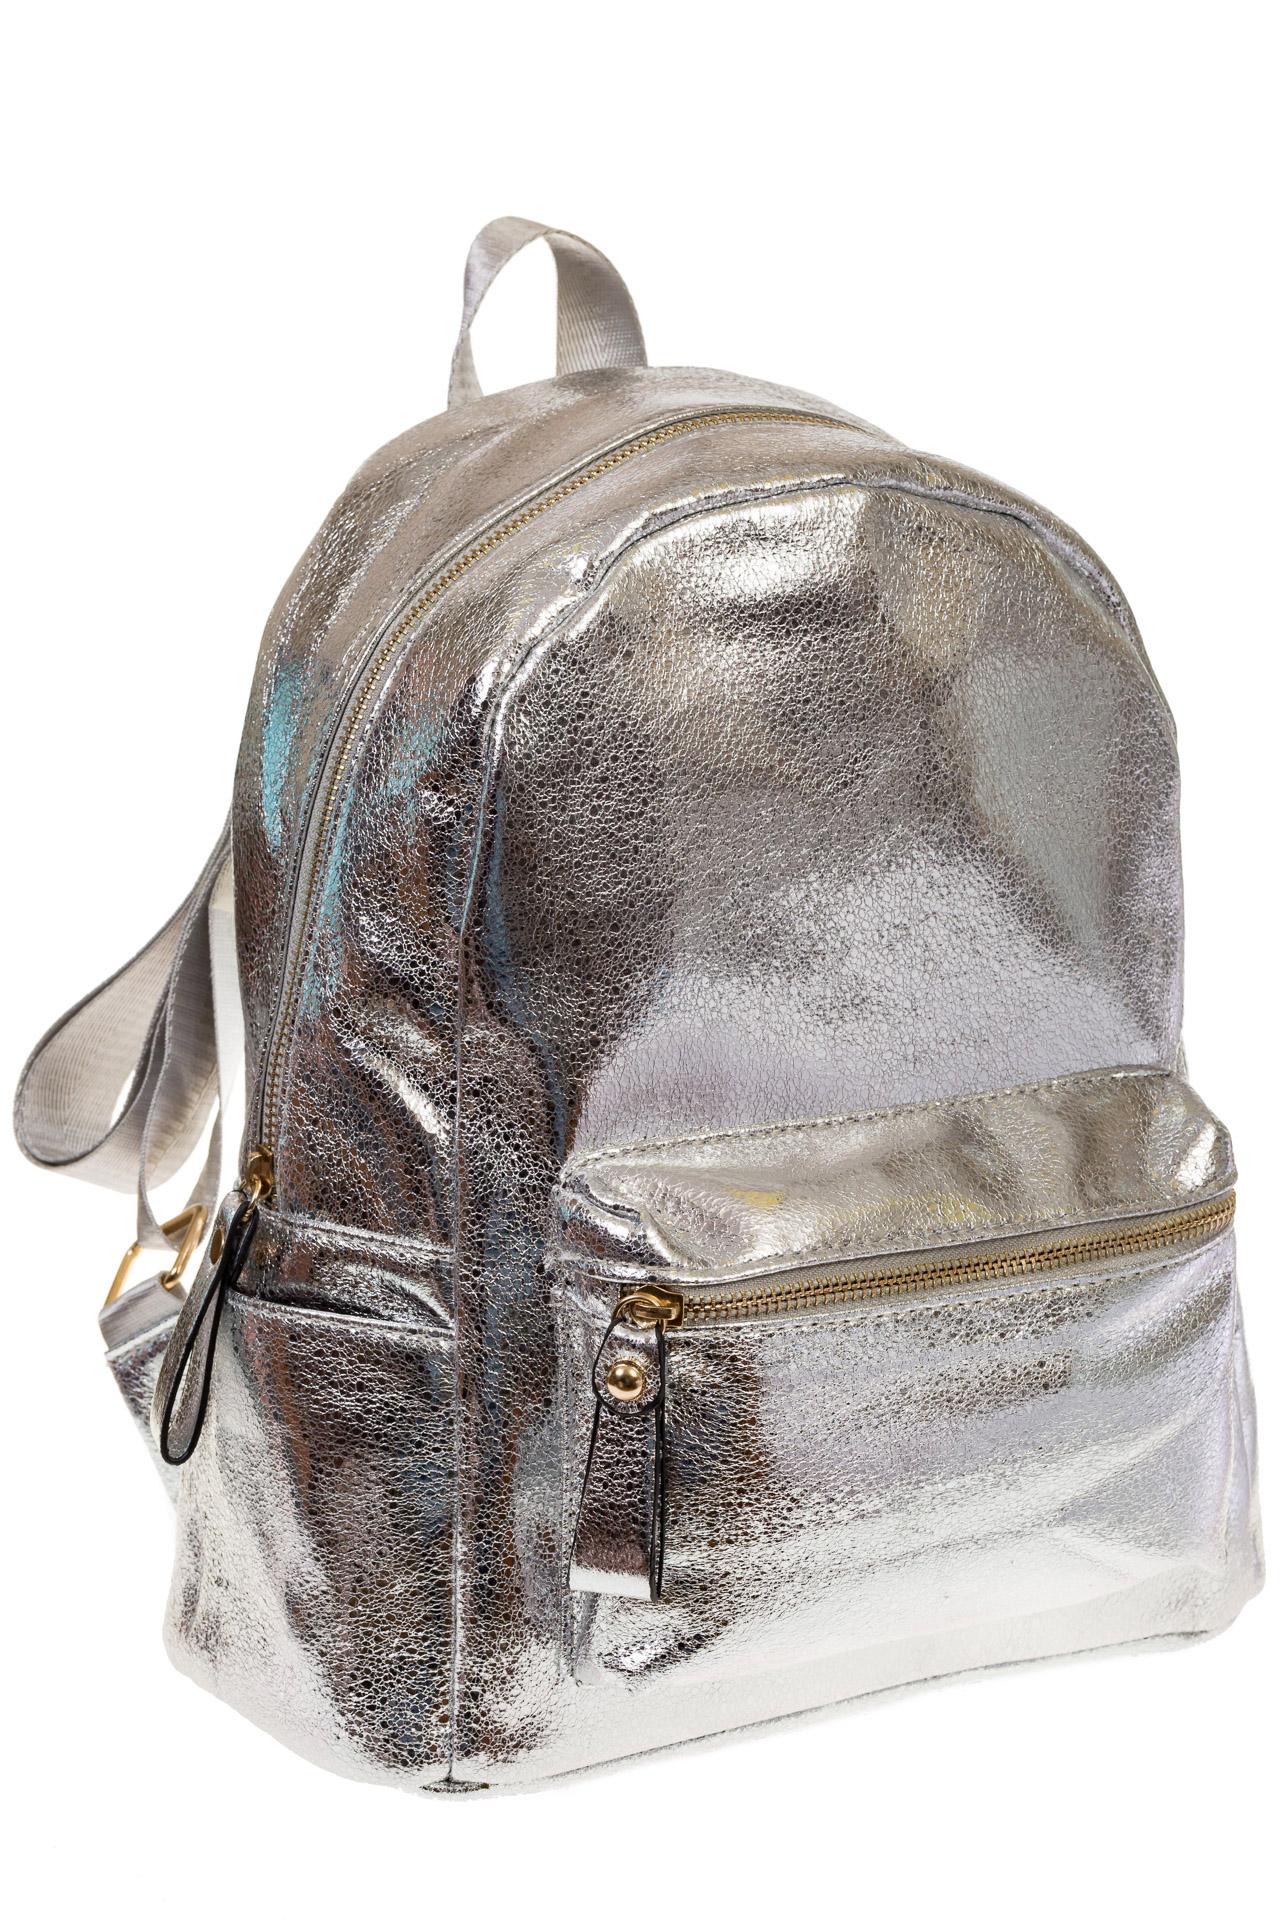 на фото Женский рюкзак из искусственной кожи серебристого цвета 025RJ5